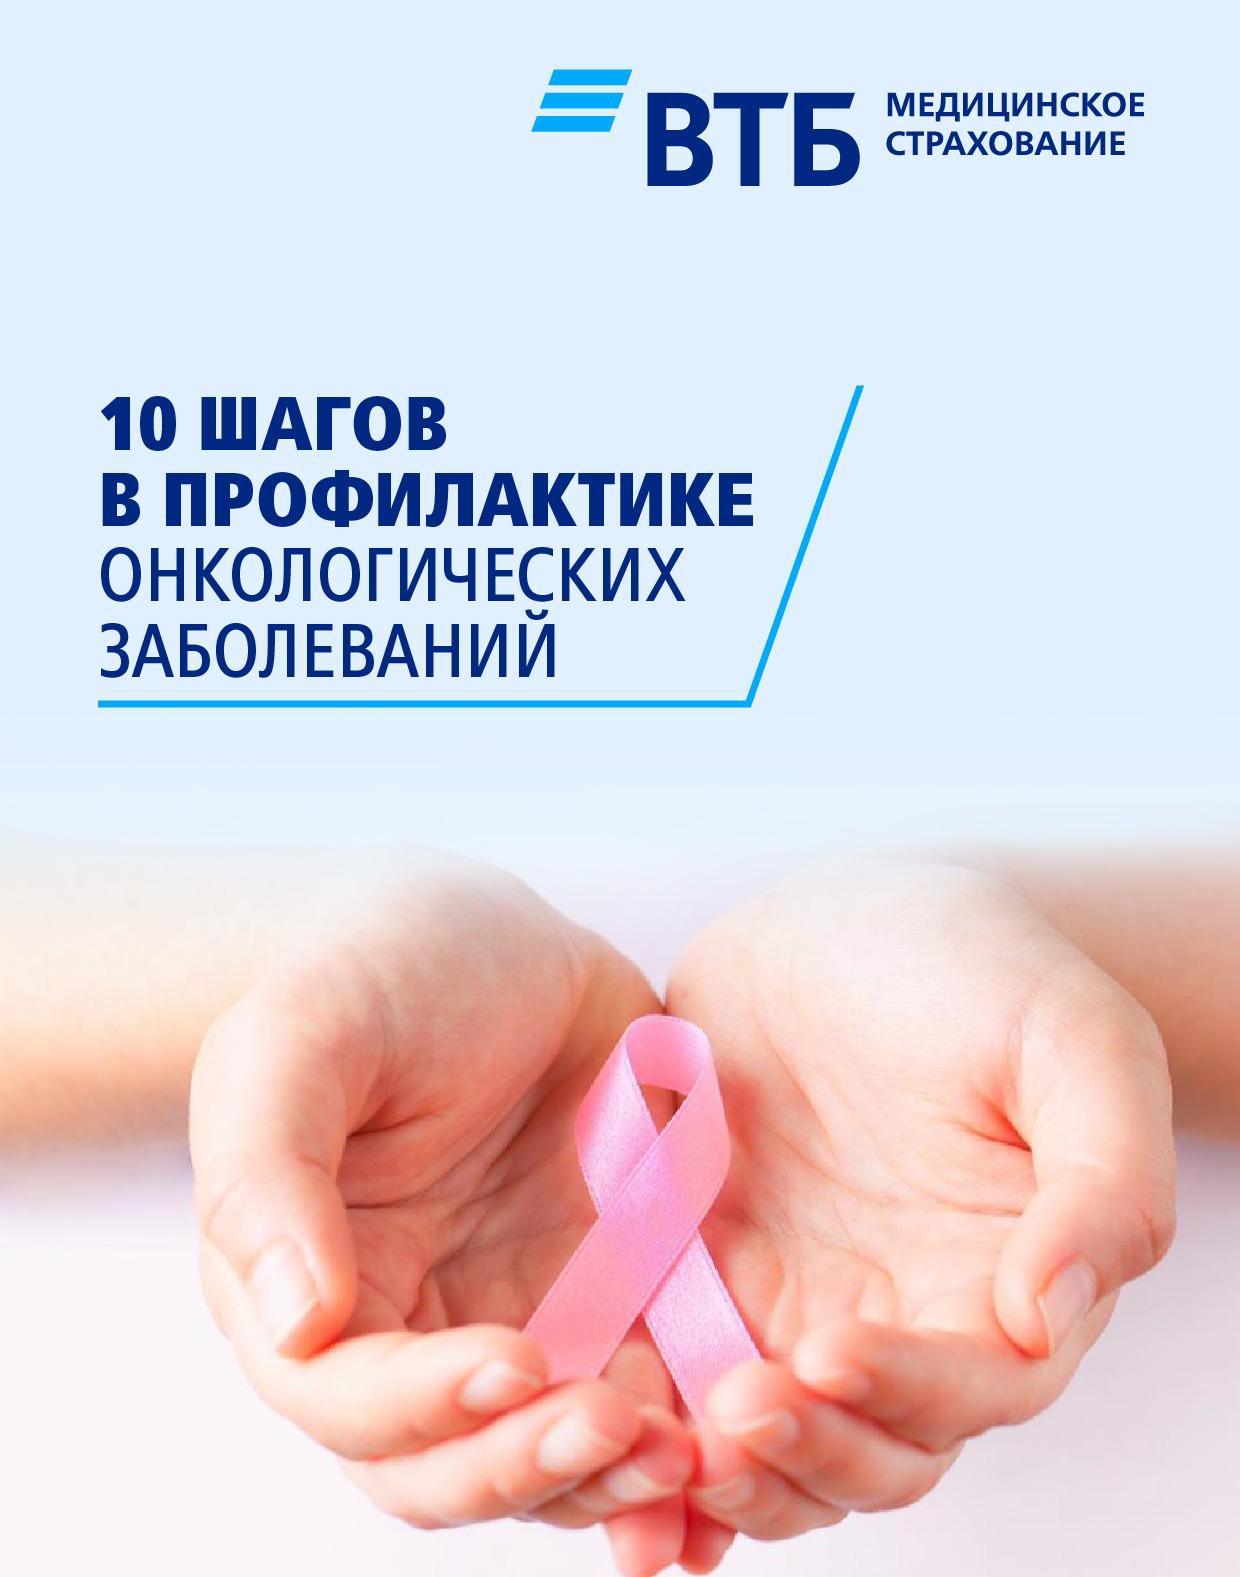 Тревожные сигналы организма и своевременная профилактика рака